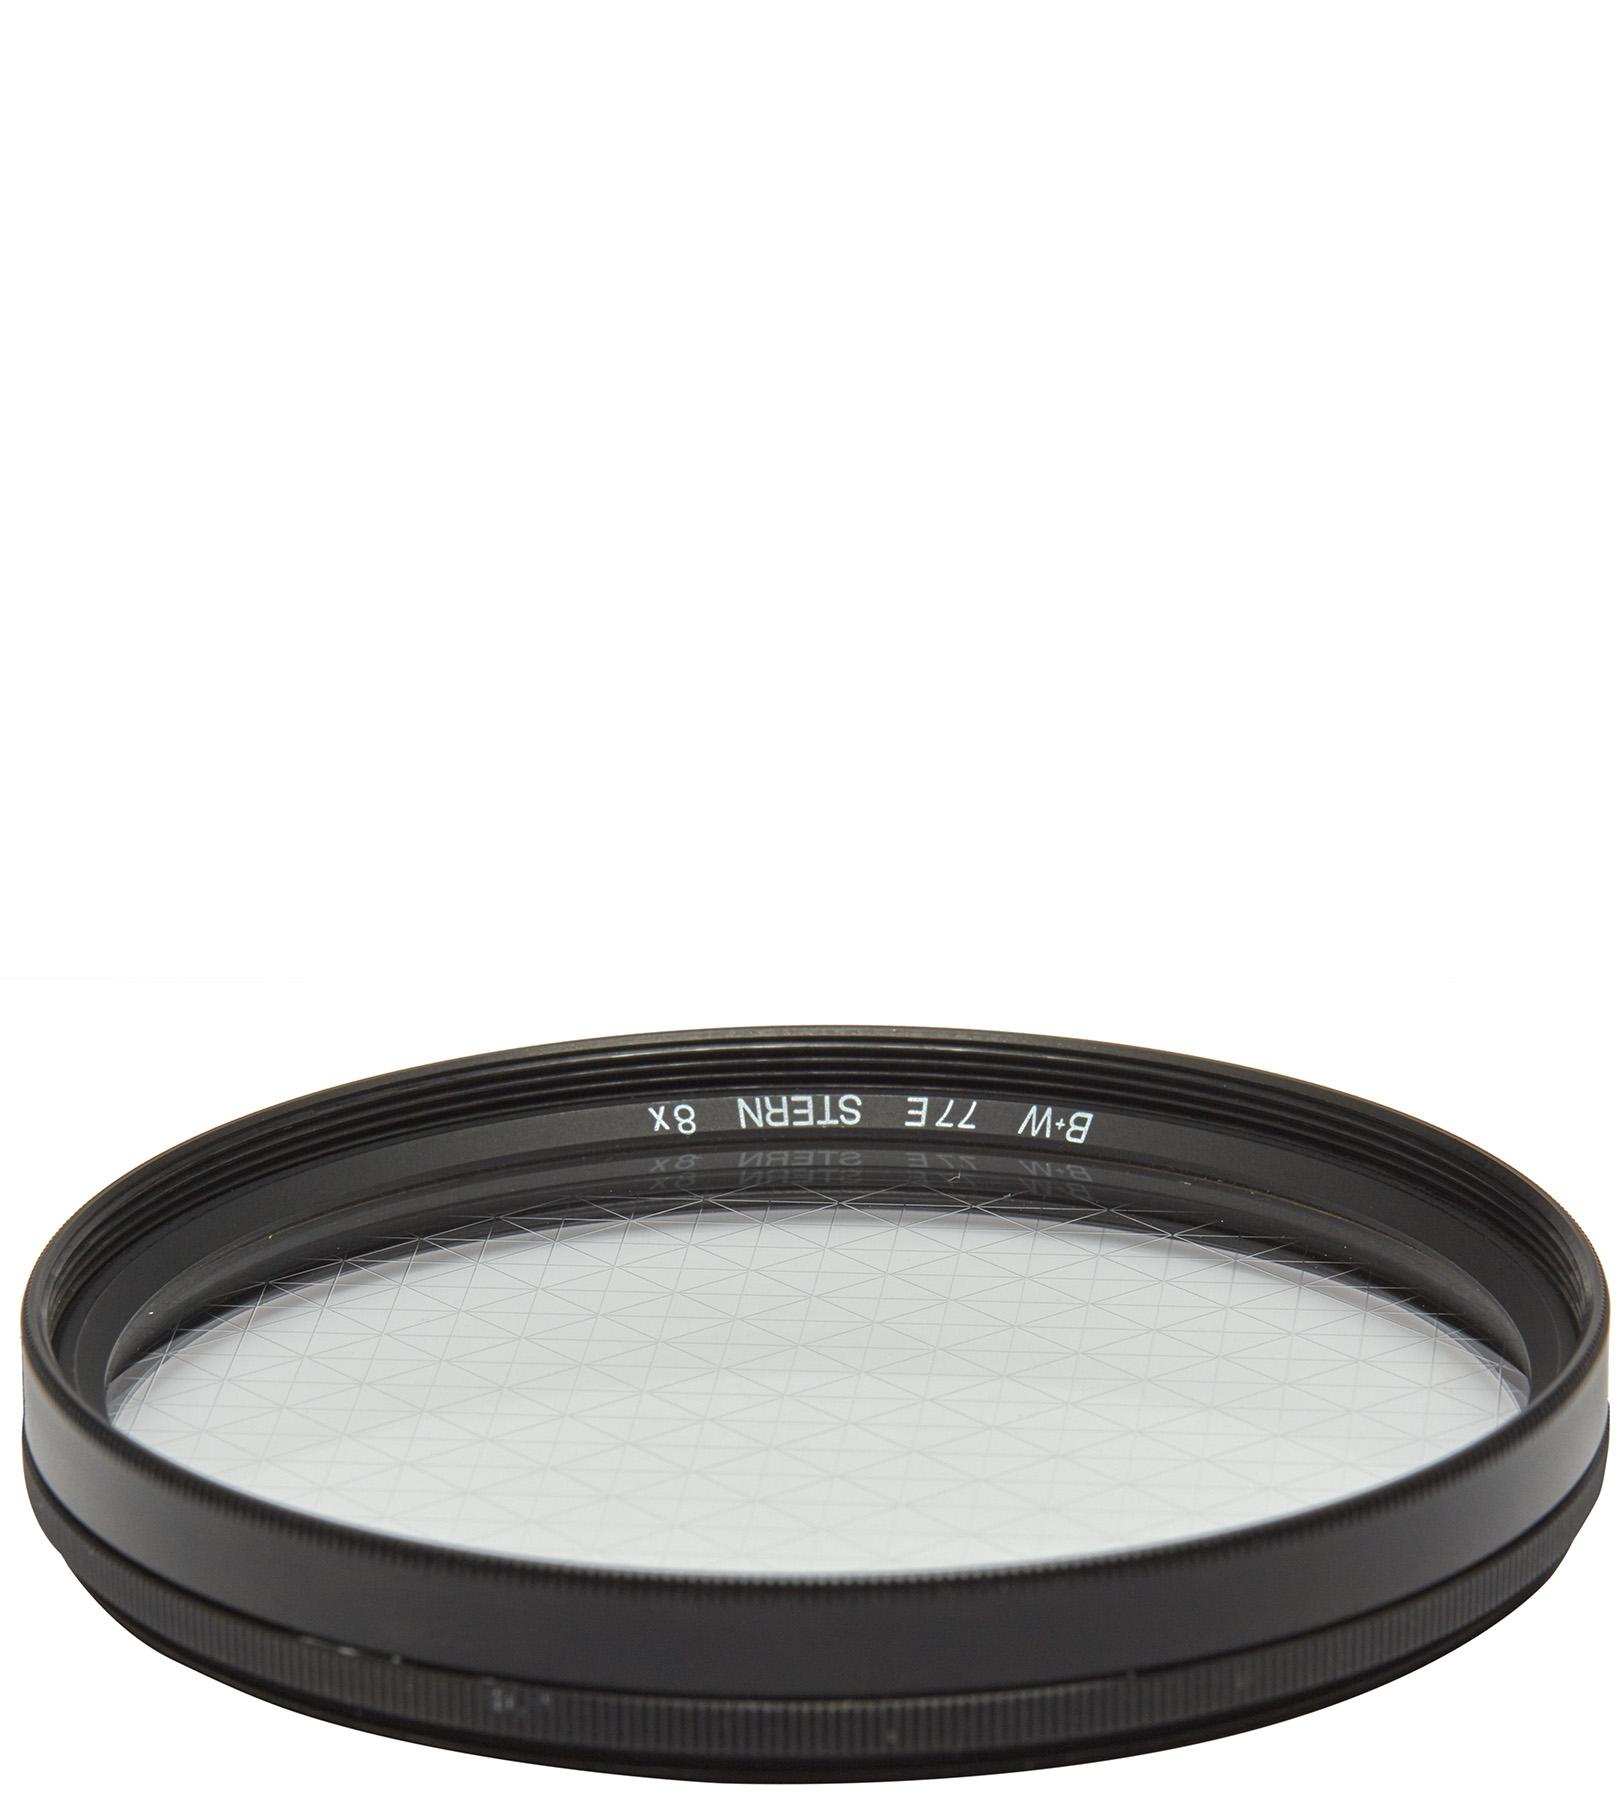 Filtro de lente 8x star cross screen B+W 77mm